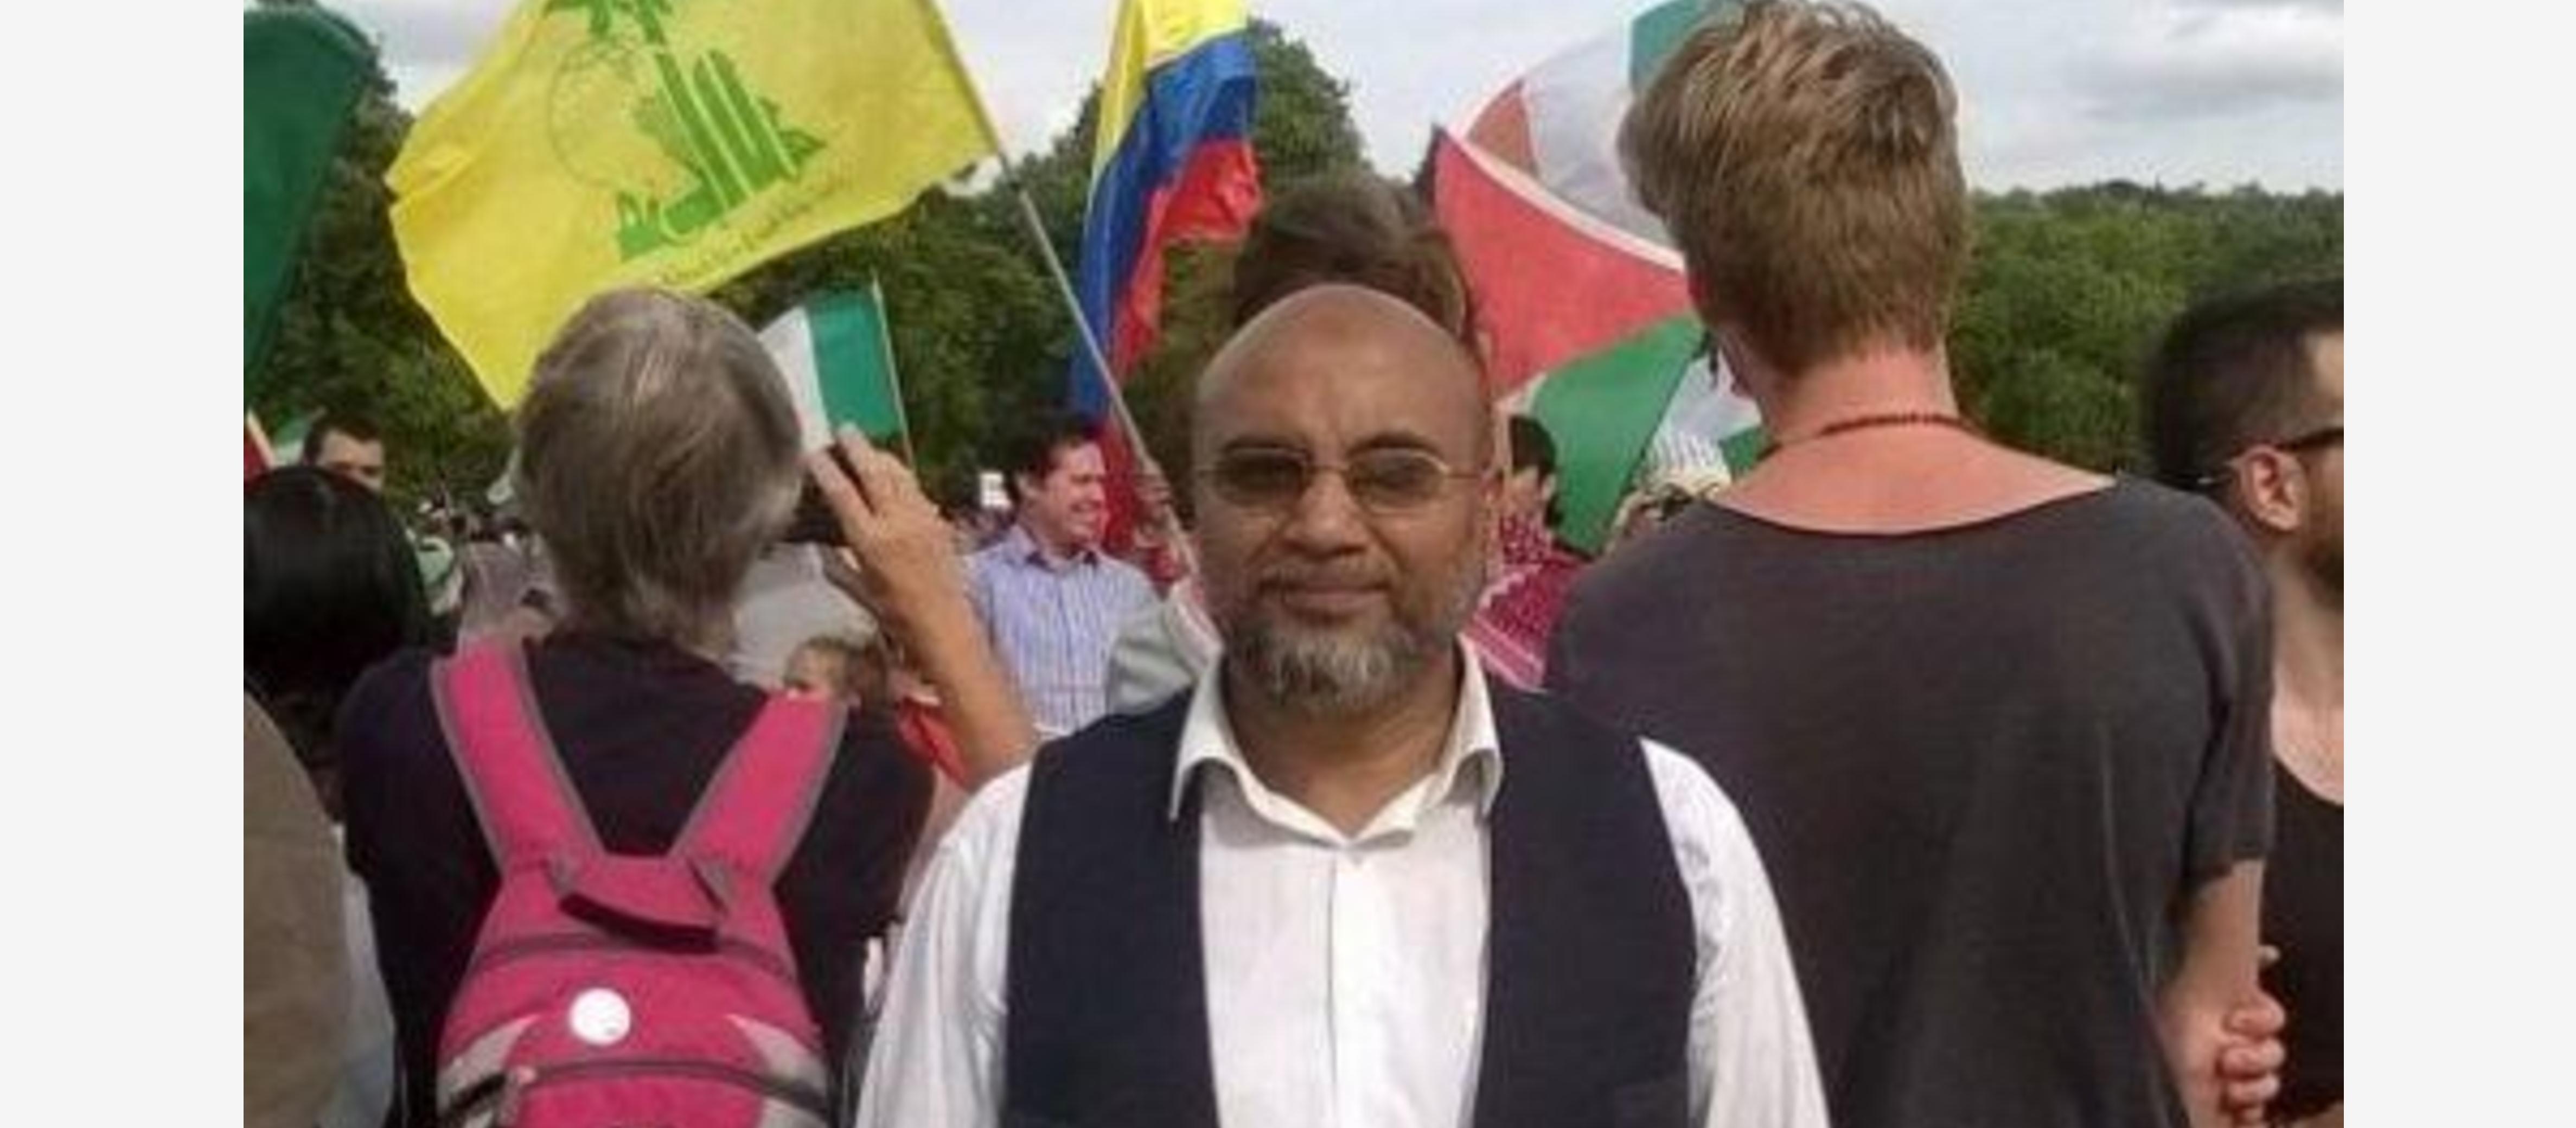 """Labour suspends member over """"Jewish genocide of the British people"""" tweet"""